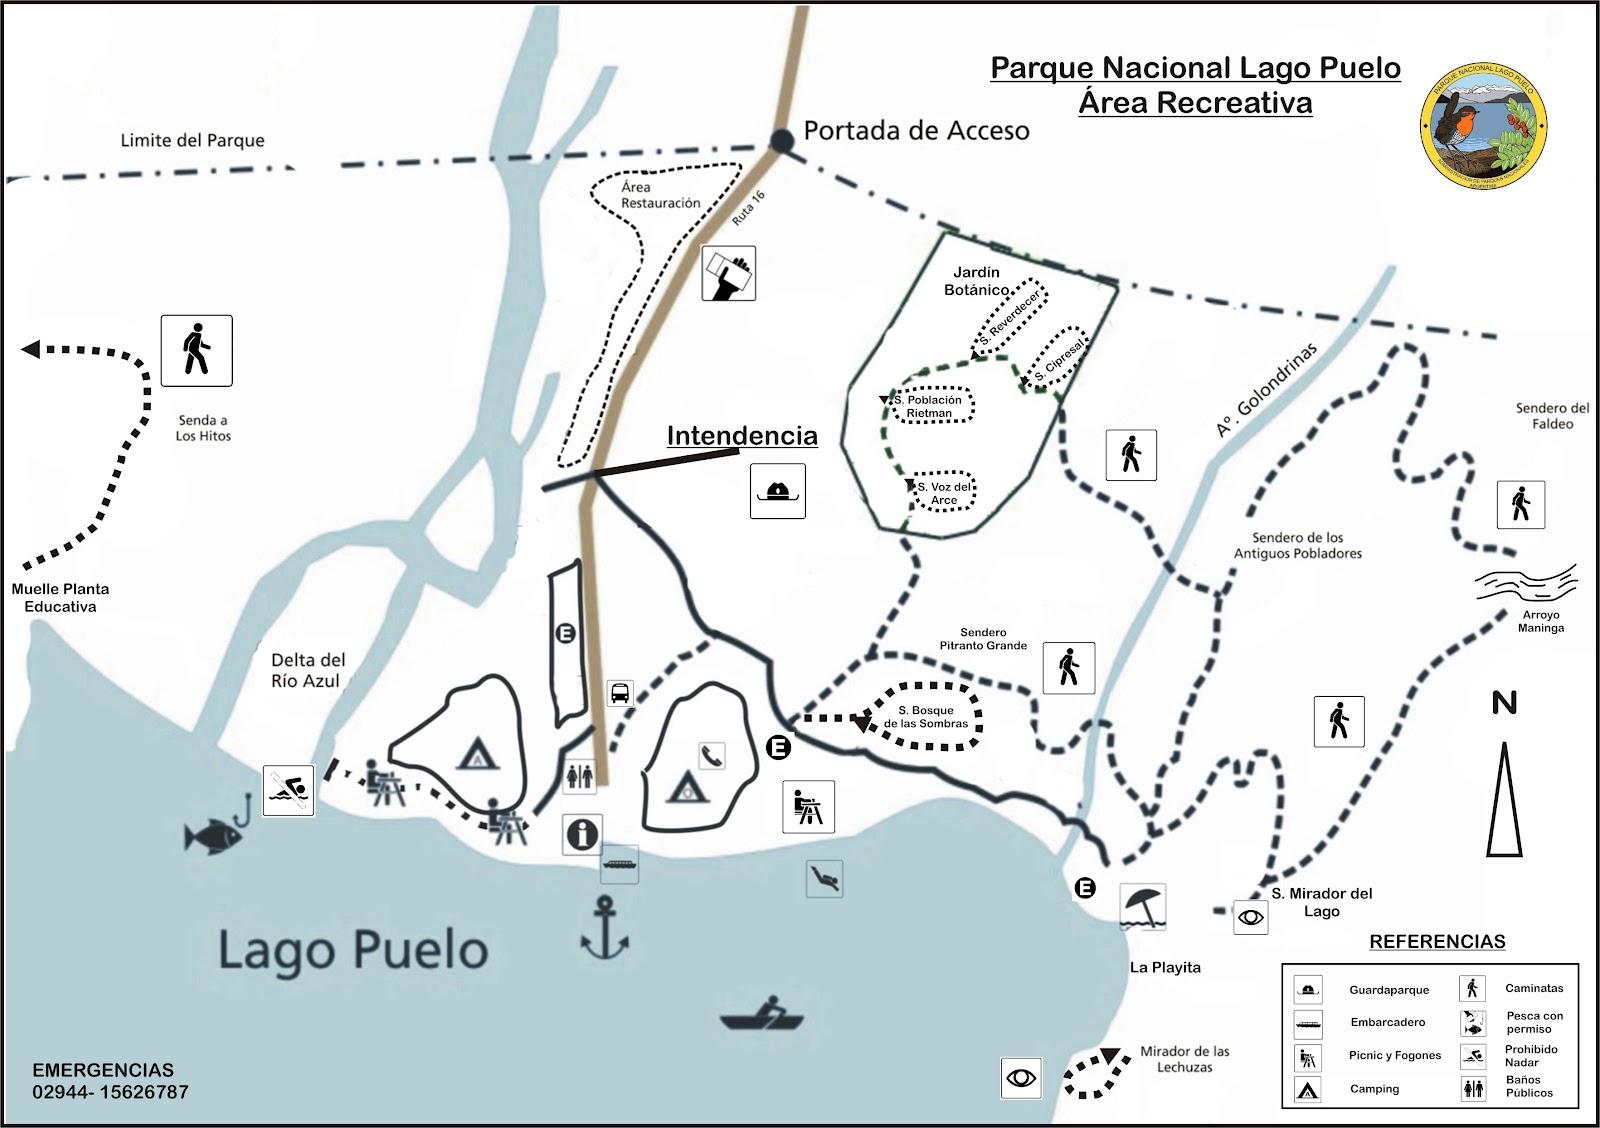 El área recreativa del Parque Lago Puelo, punto de partida de los senderos de trekking - Hacé click para agrandar y descargar.